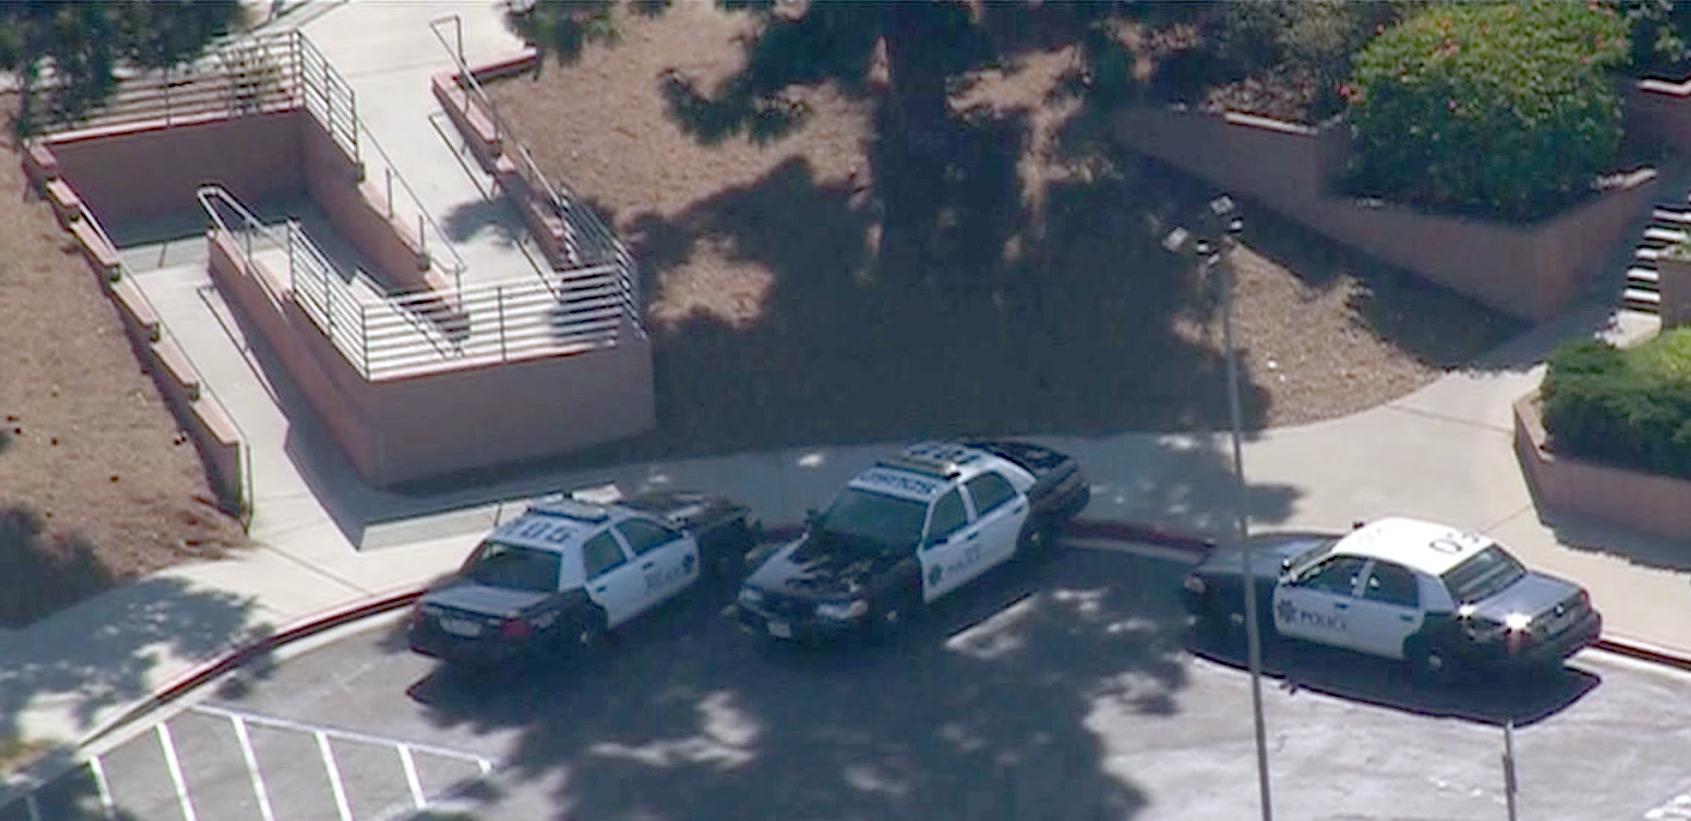 Crawford High School Police